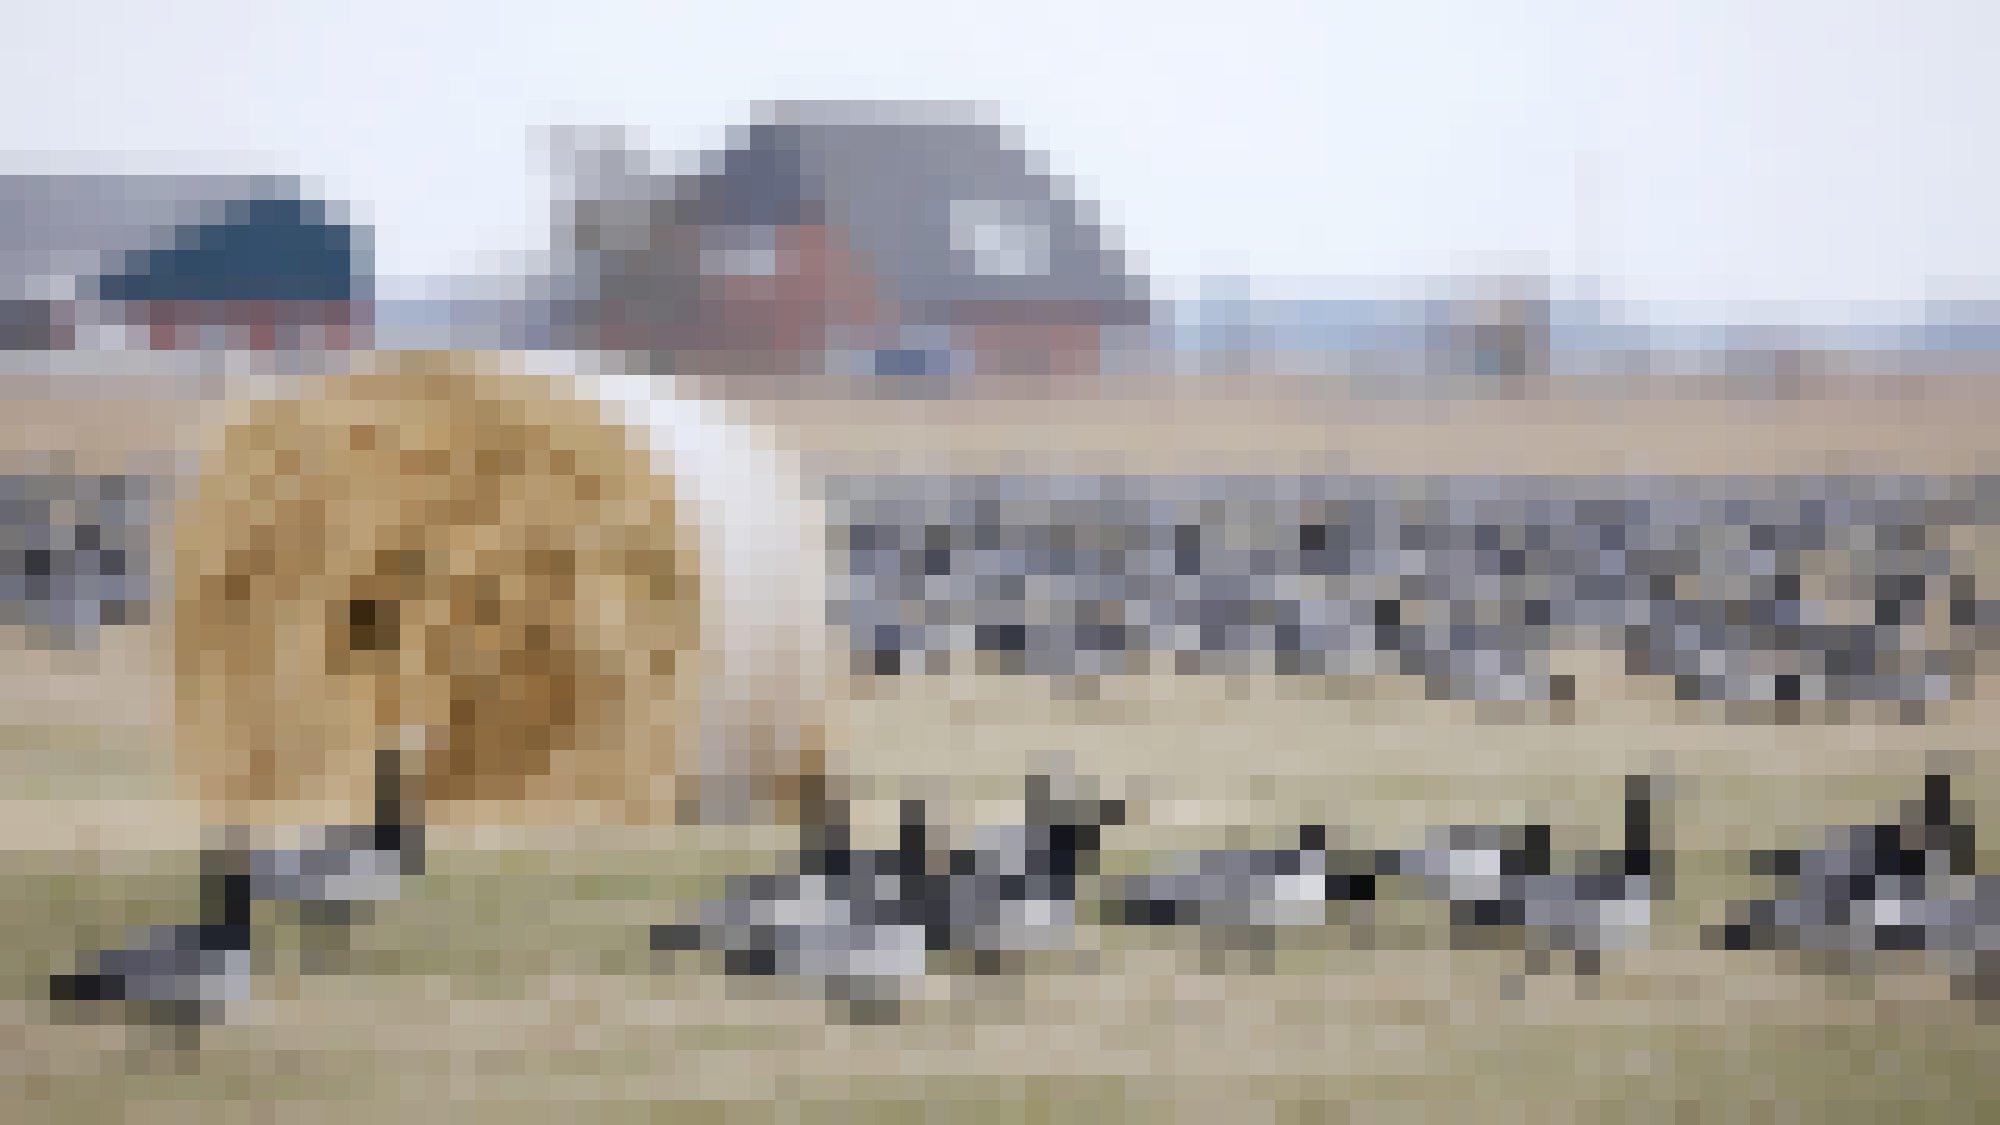 Eine Gruppe von schwarz-weiß-grauen Gänsen steht vor einem Heuballen, im Hintergrund eine größere Gruppe Gänse und Gebäude.